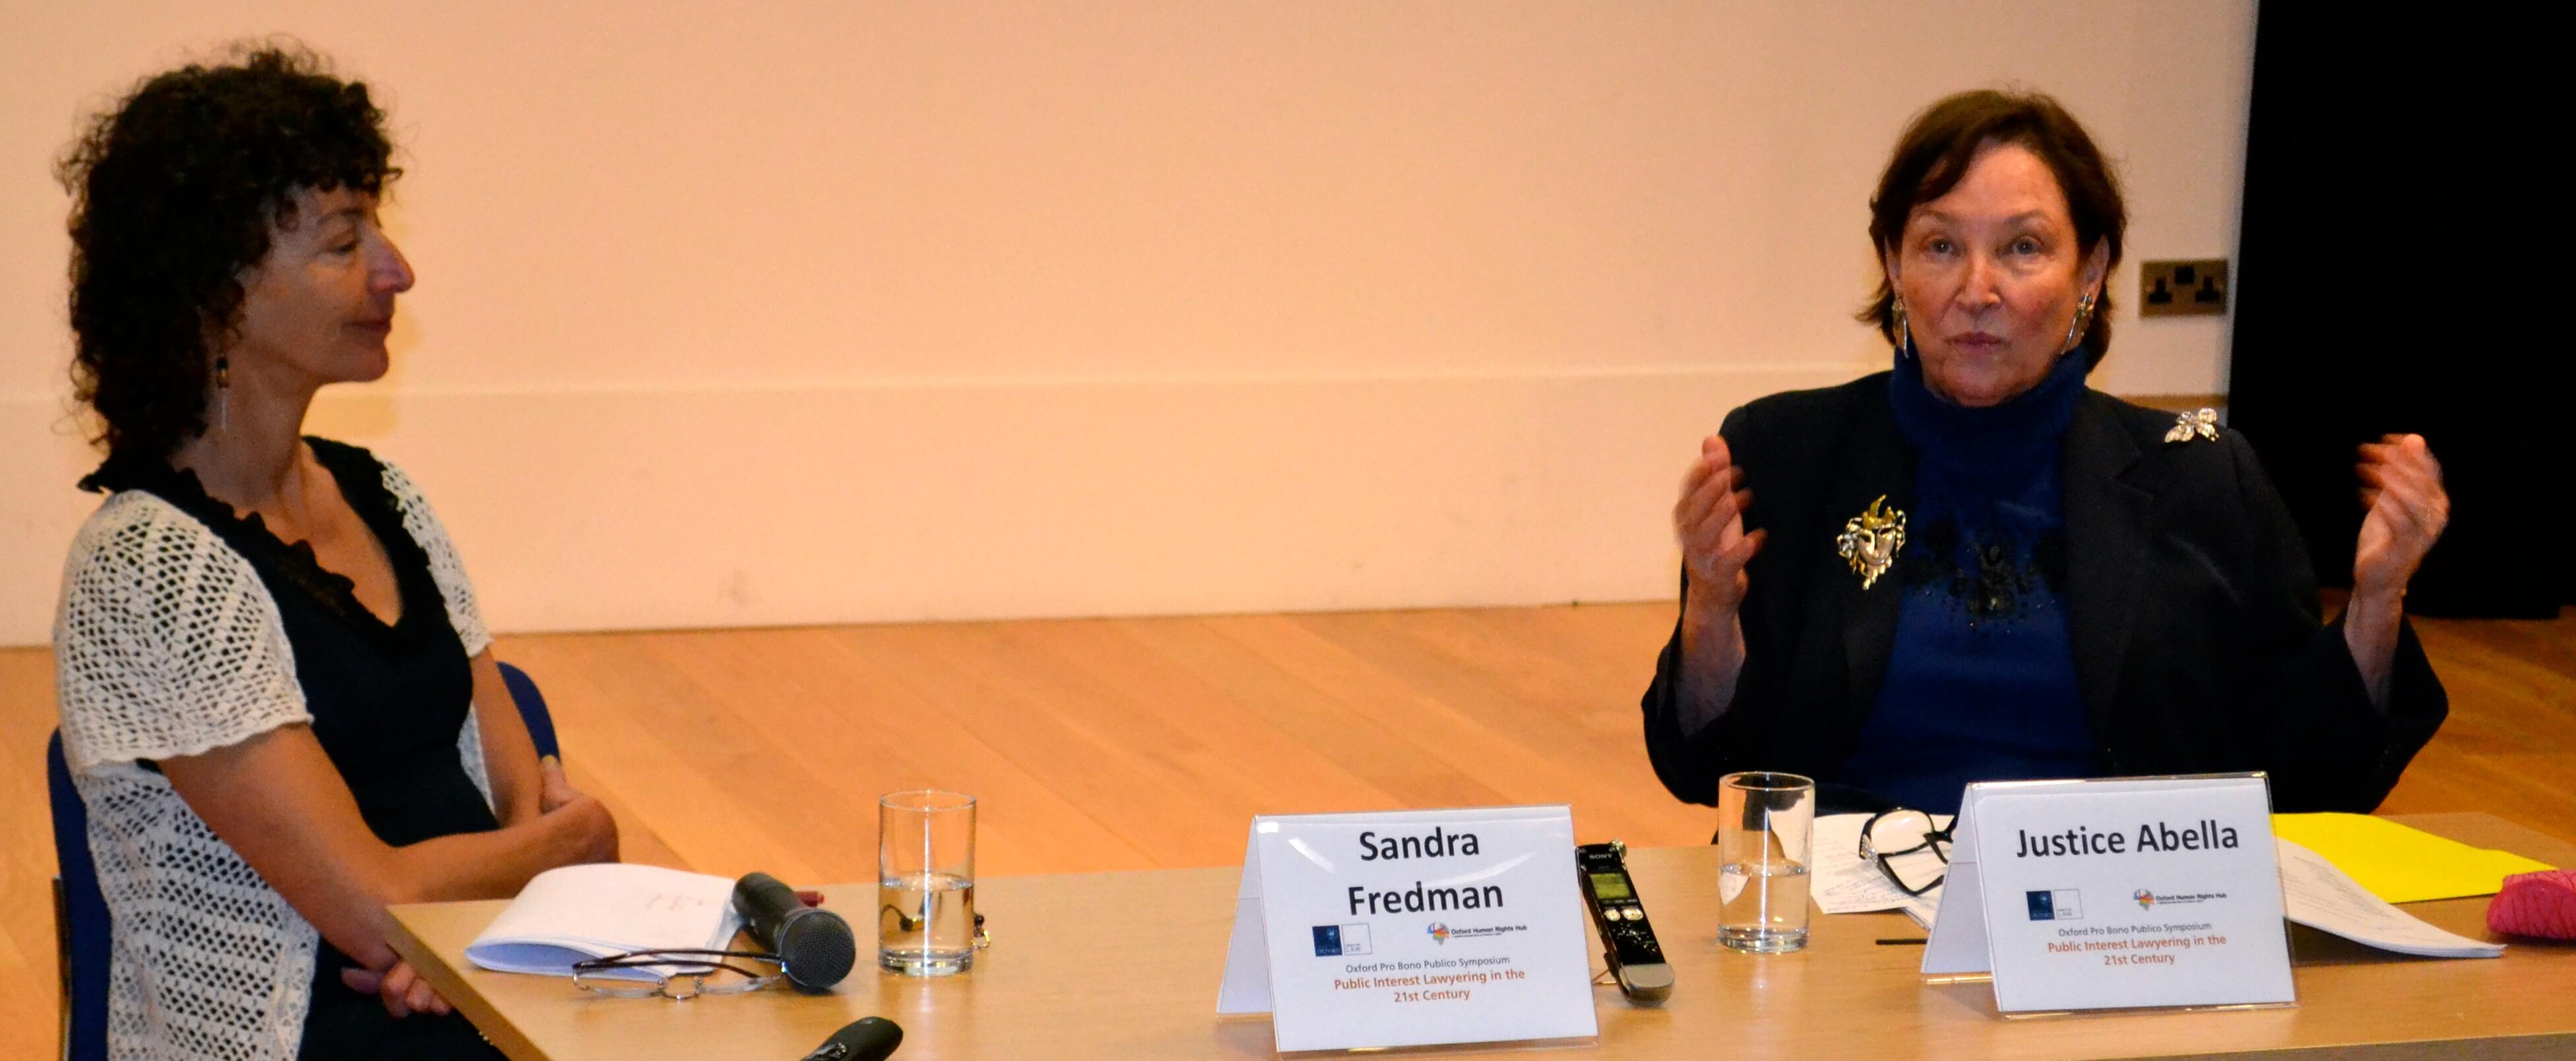 OPBP Symposium: In Conversation with Justice Abella